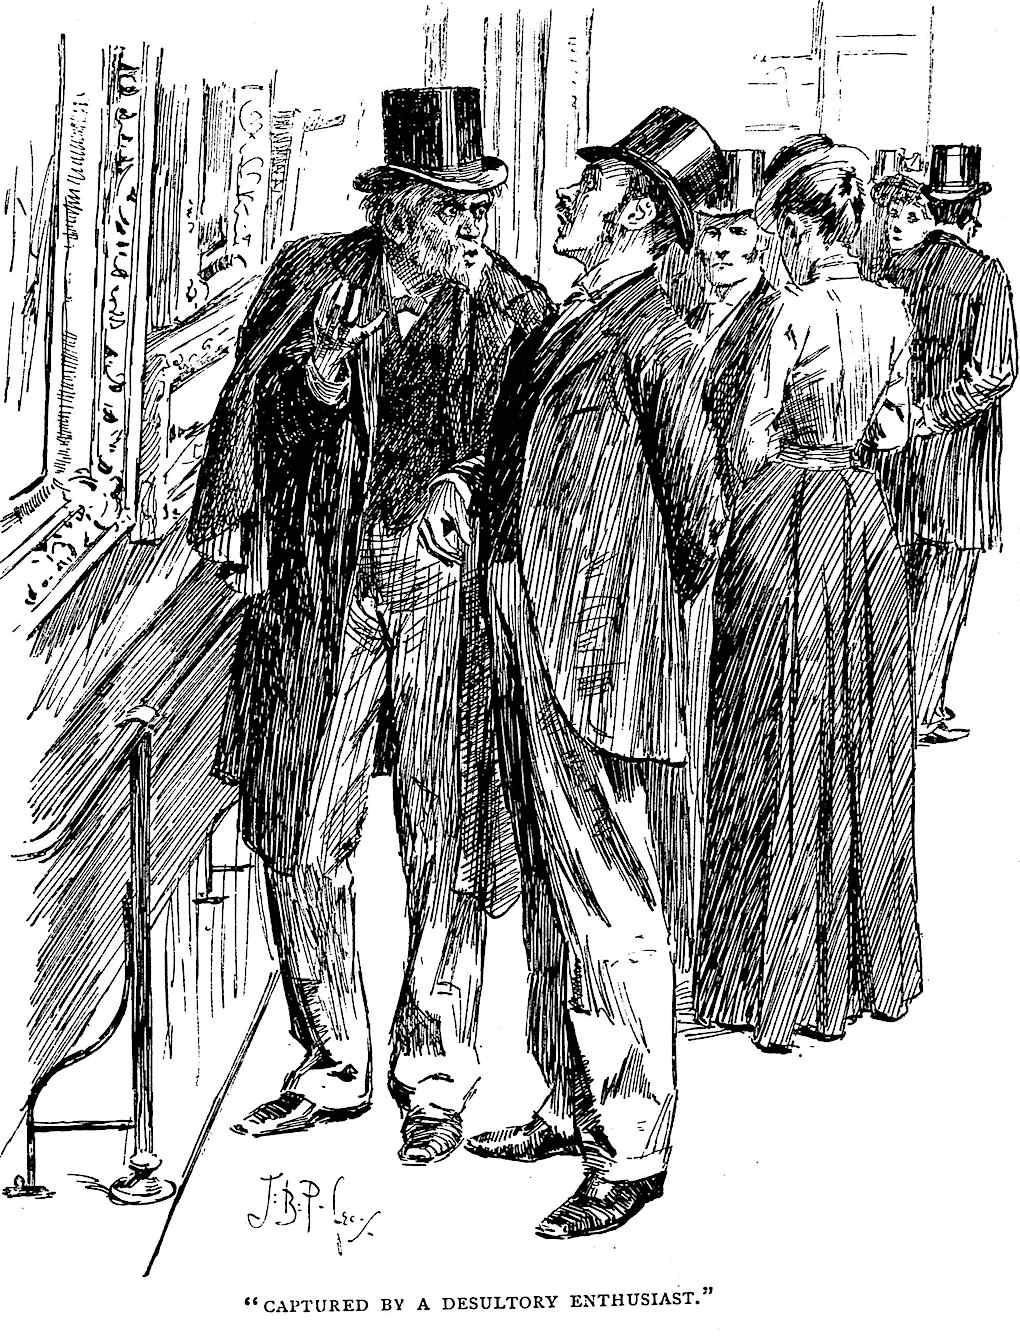 a J. Bernard Partridge cartoon at an art gallery, Captured by a desultory enthusiast